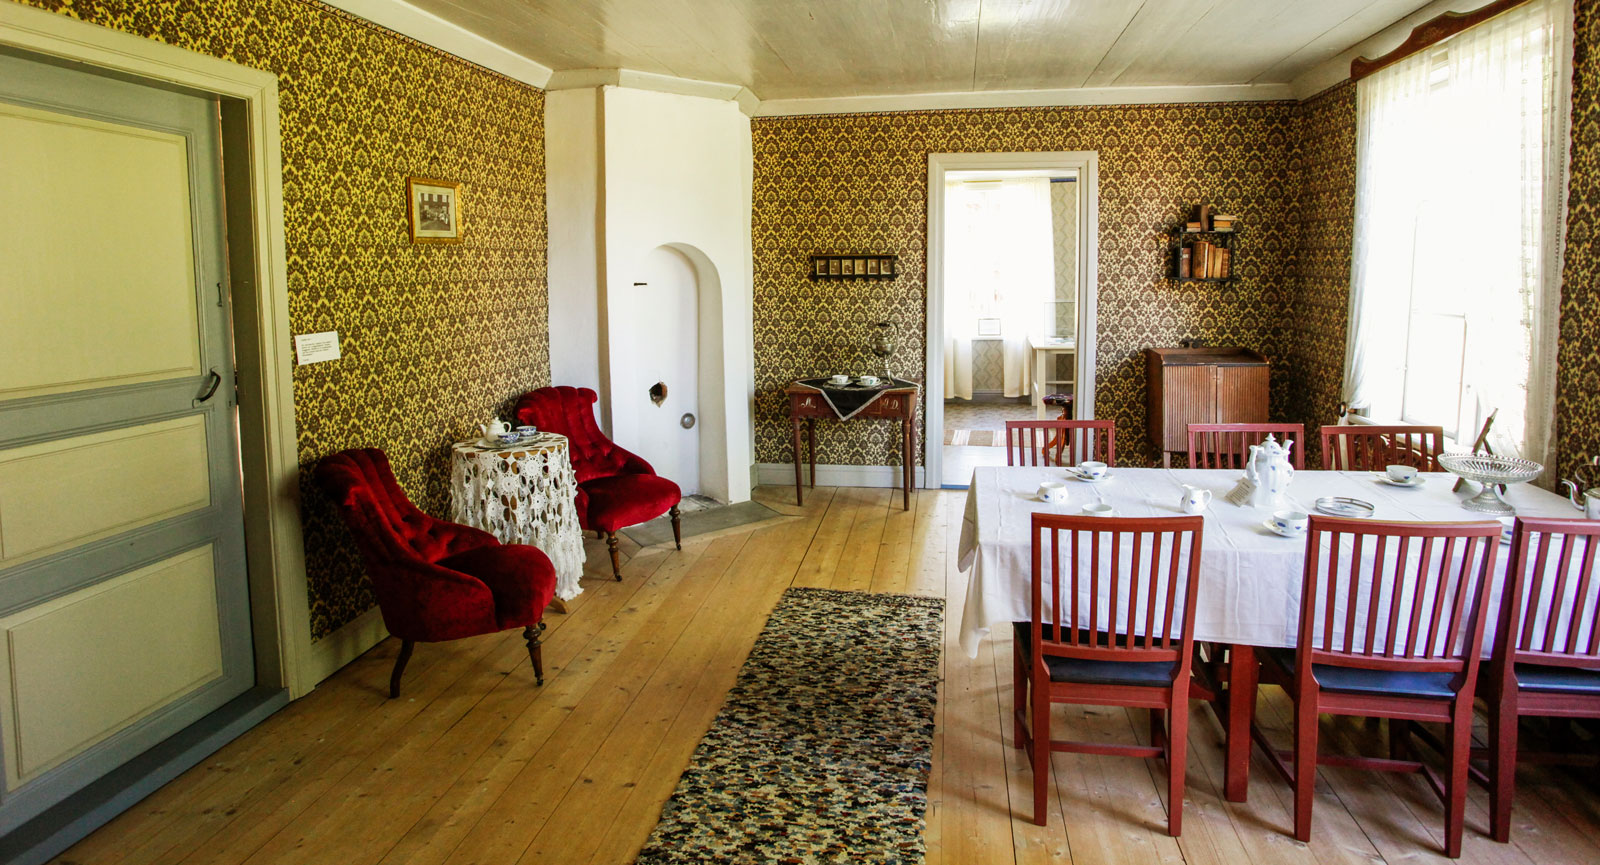 Ett av den herrgårdslika mangårdsbyggnadens rum.